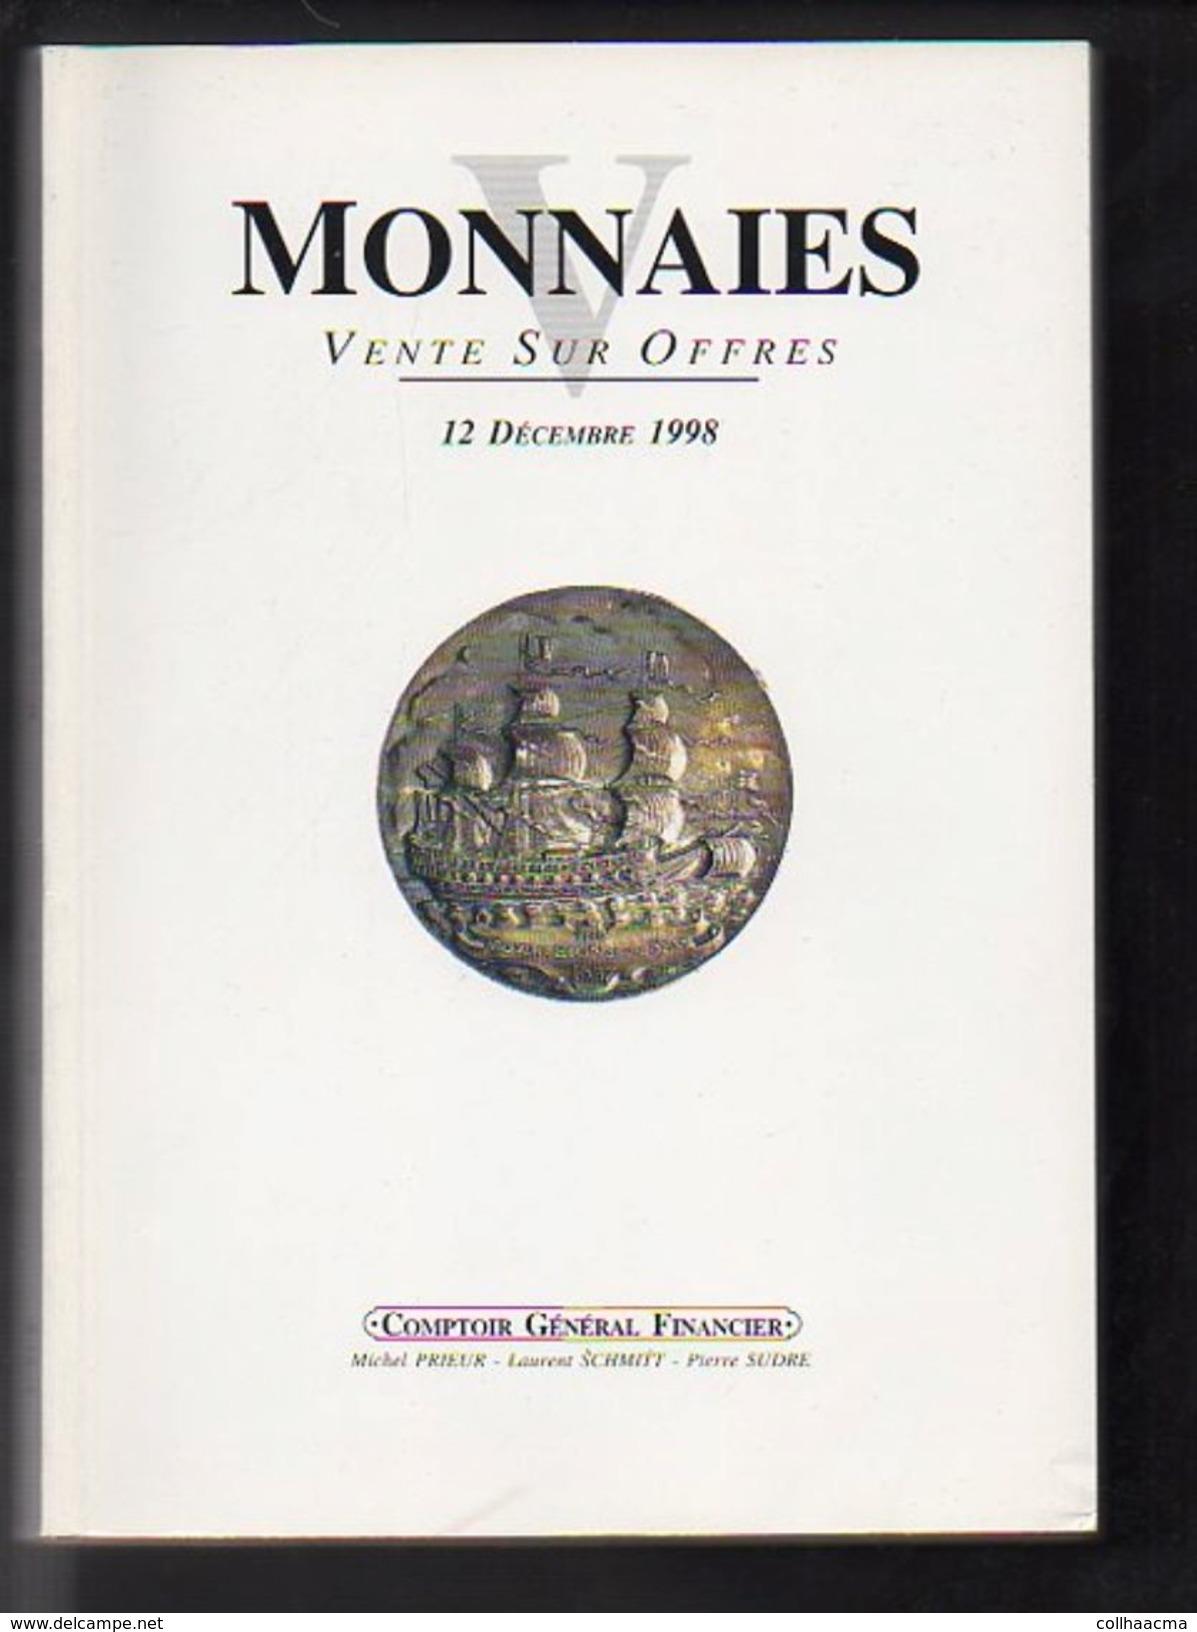 Numismatique 1998 Vente Sur Offres Monnaies N° 5 V / Comptoir Général Financier C.G.F. Voir Table Des Matières - Français